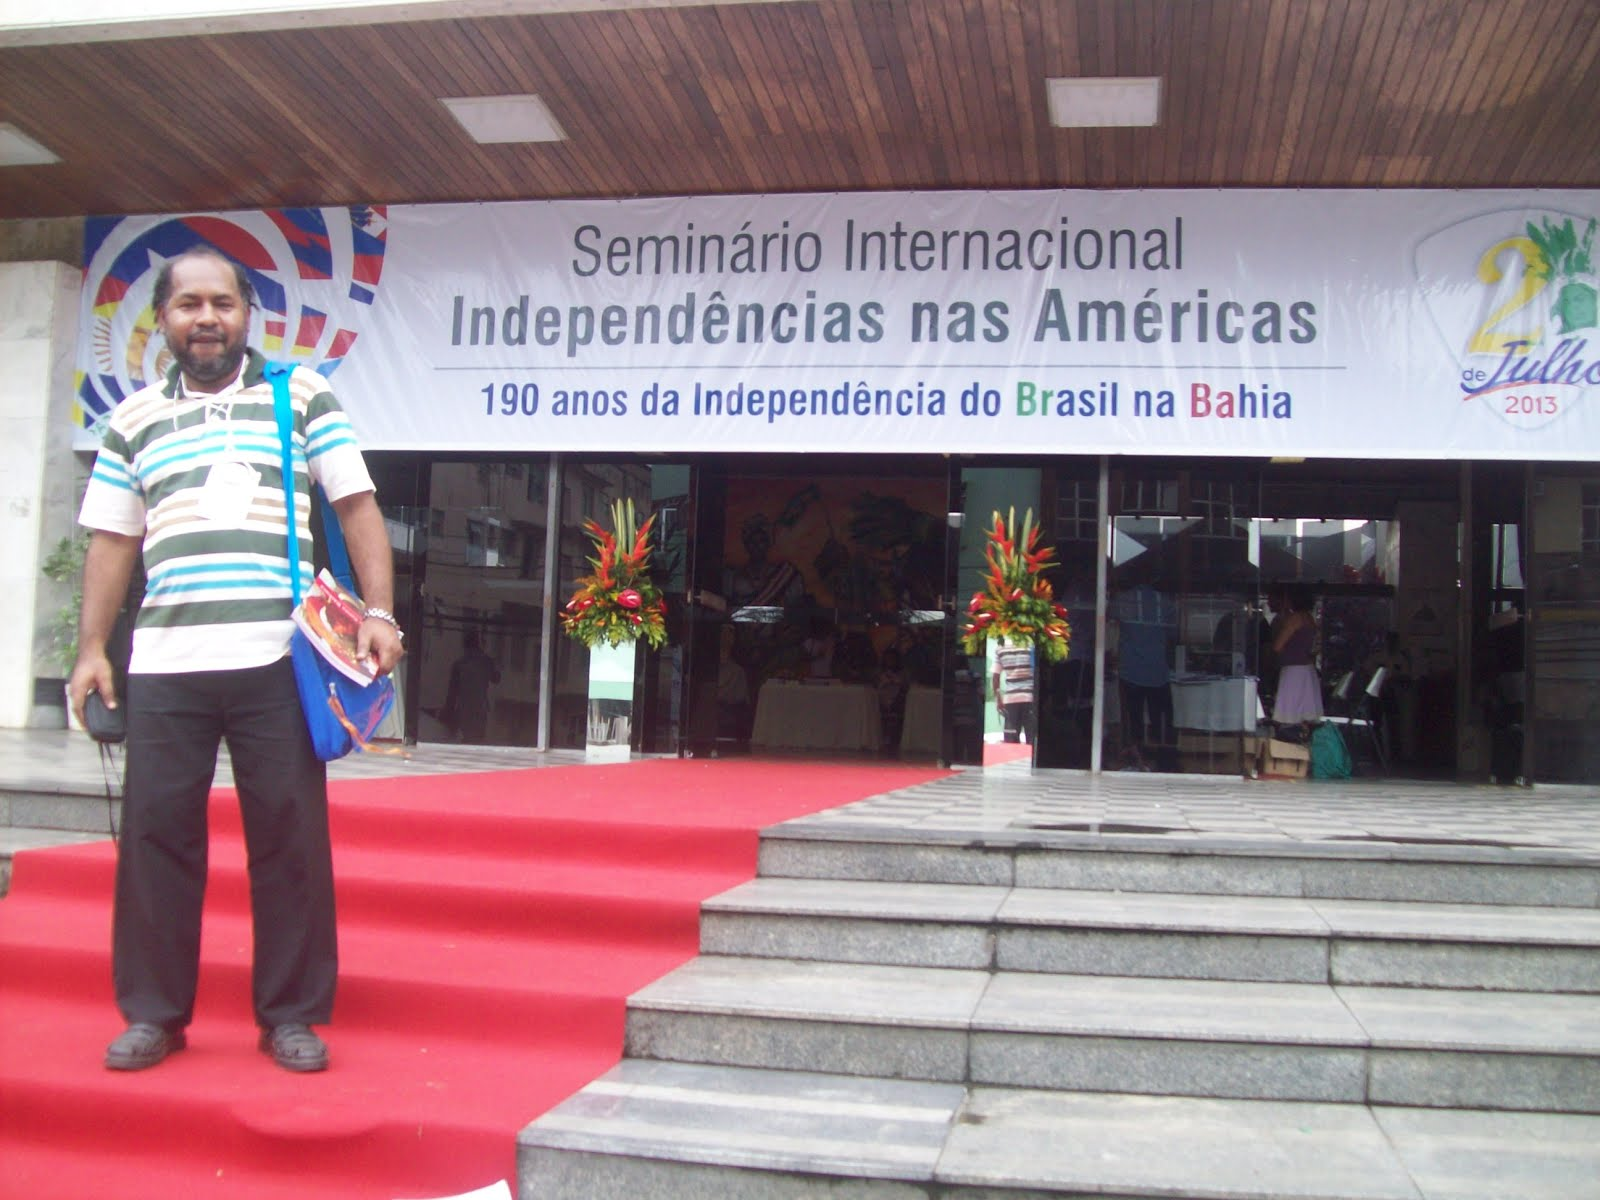 Evento organizado pela Fundação Pedro Calmon